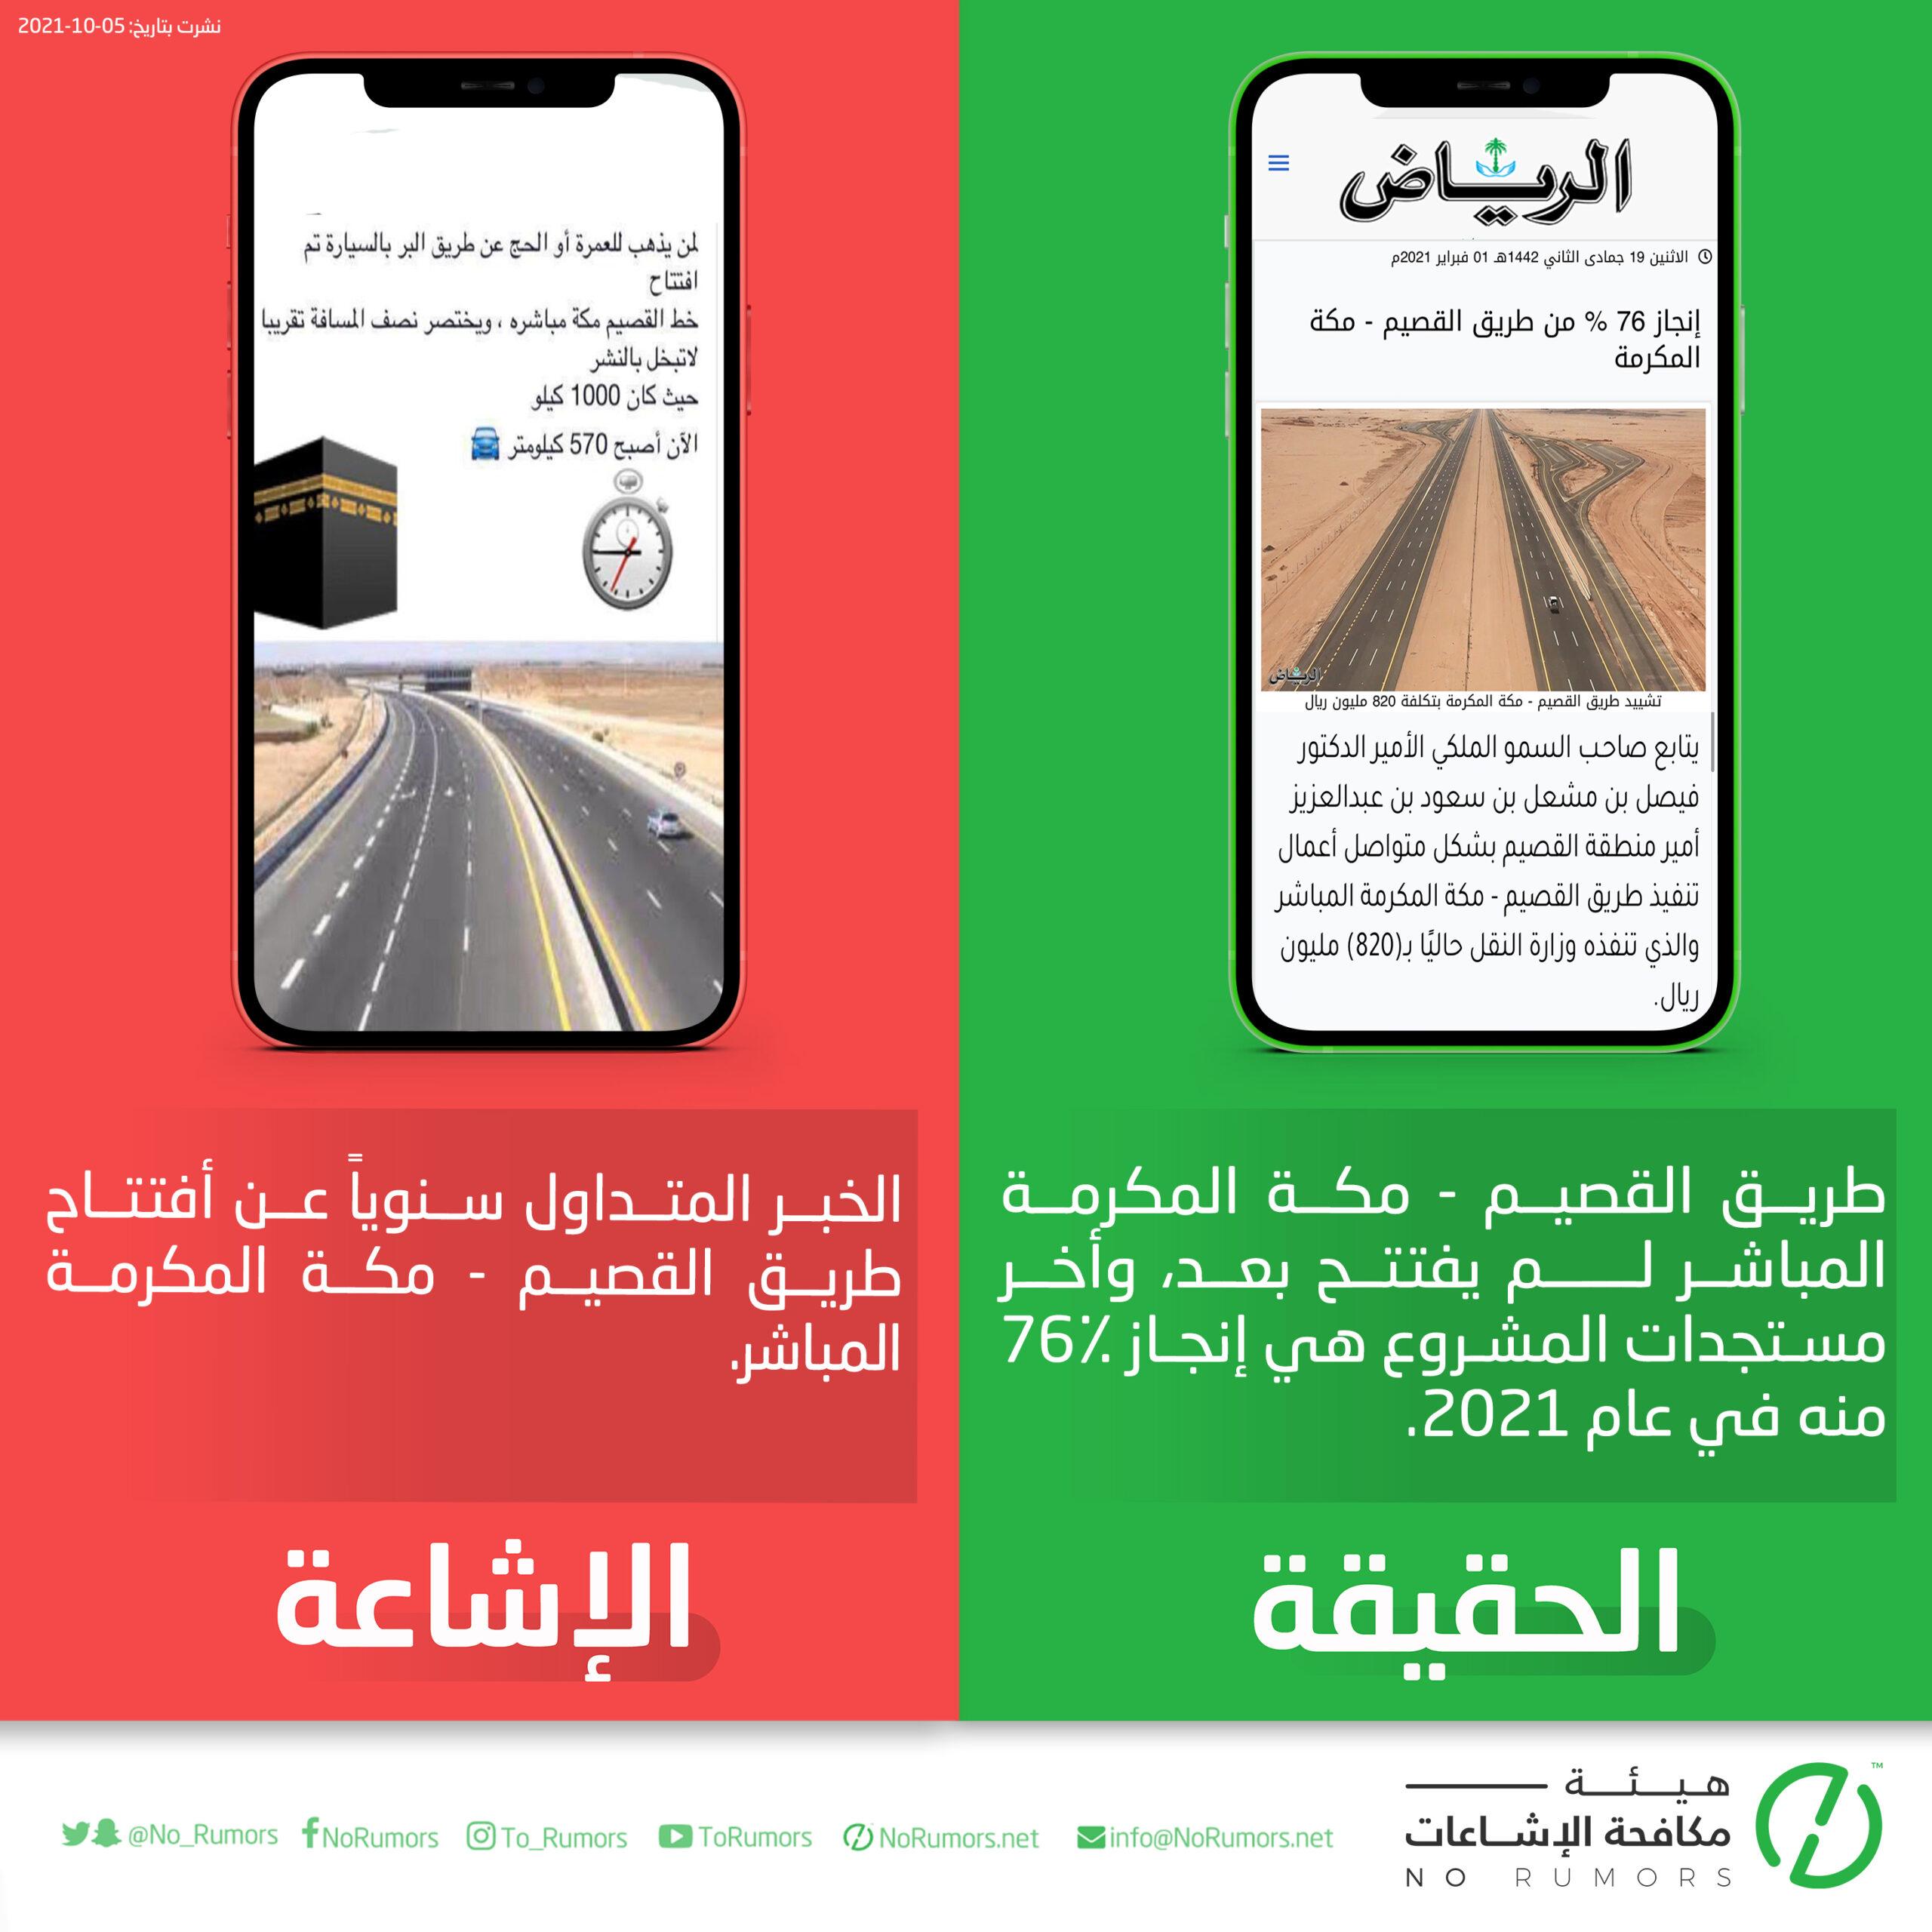 حقيقة مايتداول سنوياً عن أفتتاح طريق القصيم – مكة المكرمة المباشر